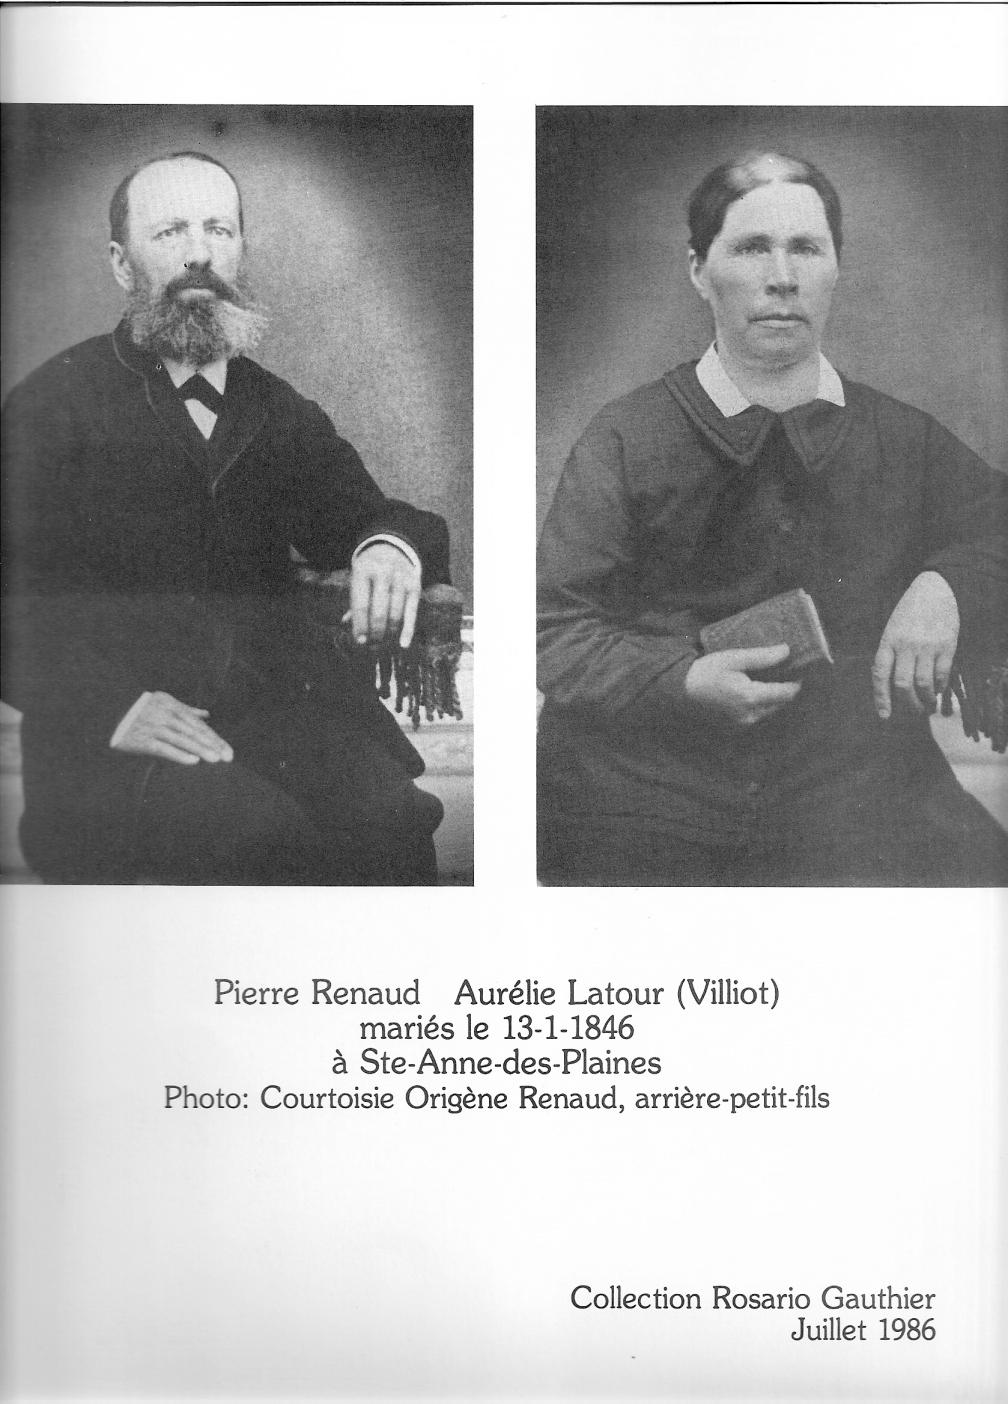 Pierre Renaud et Aurélie Latour